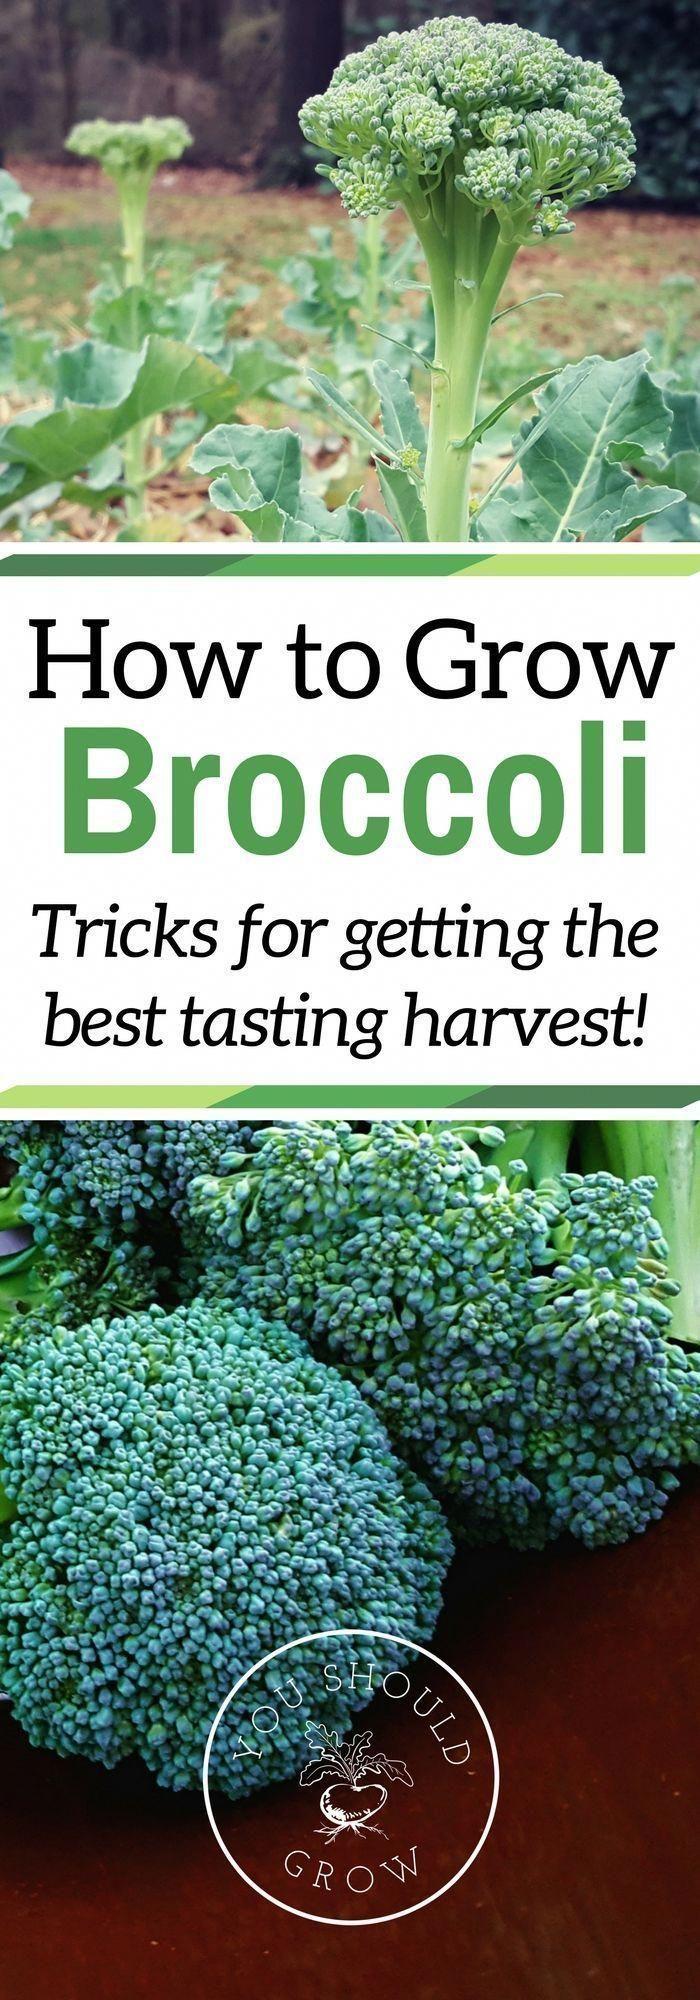 Wenn Sie schon einmal Probleme mit dem Anbau von Brokkoli hatten, lesen Sie diese Tipps, um einen Tipp zu bekommen ... - #Anbau #bekommen #Brokkoli #dem #Diese #einen #einmal #hatten #lesen #mit #Probleme #schon #Sie #Tipp #Tipps #um #von #Wenn #zu #anbauvongemüse